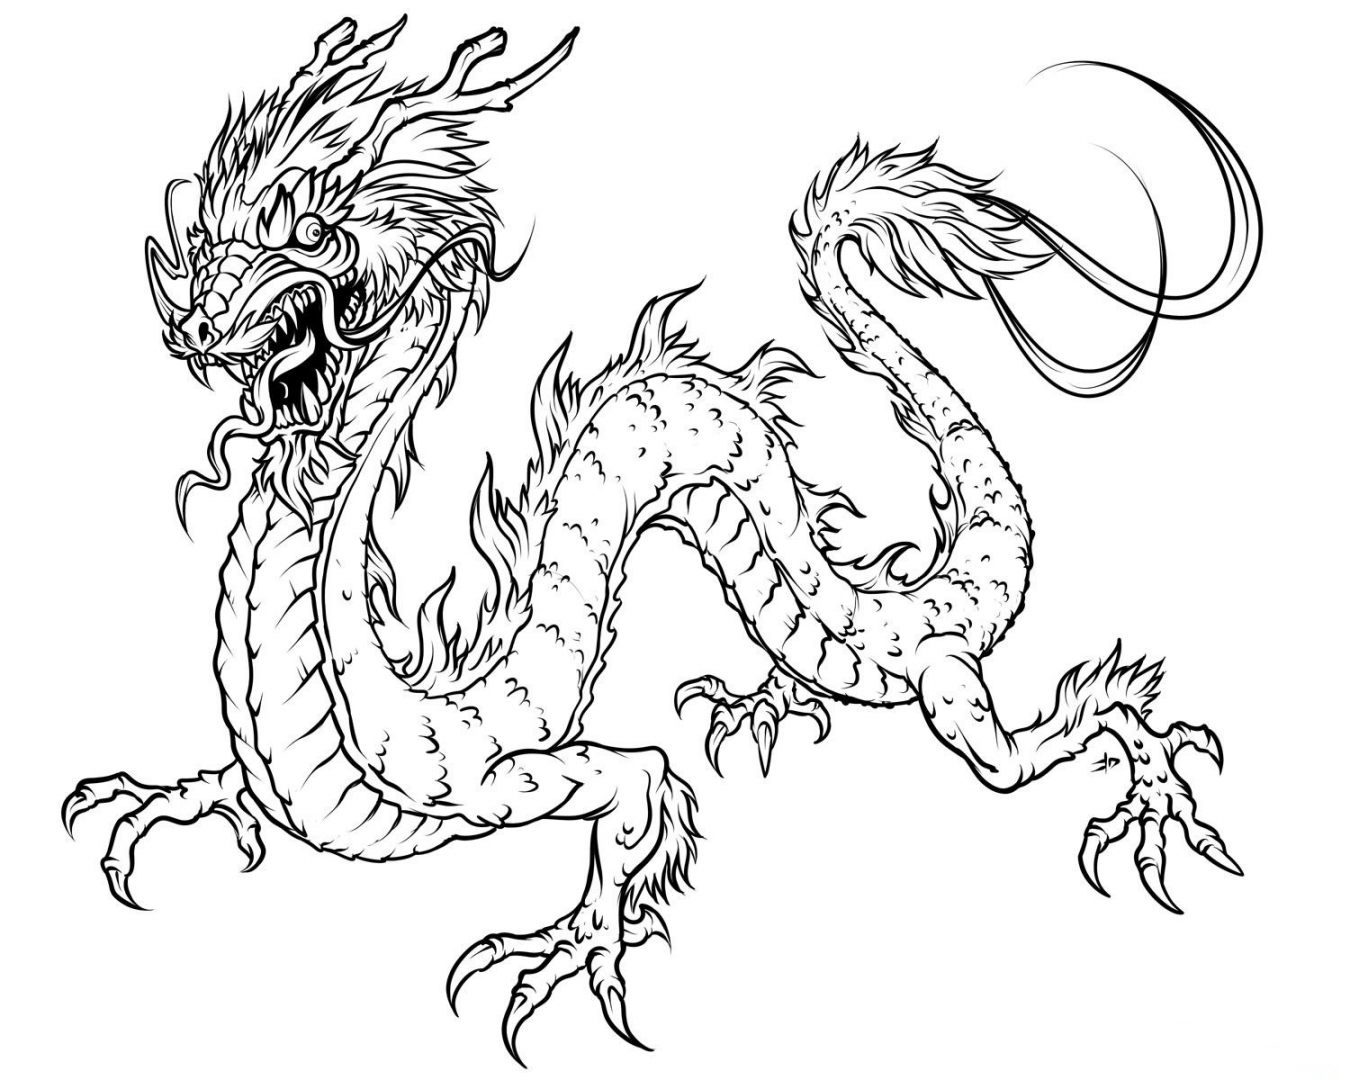 Dibujos Para Colorear De Terror Ninos: + 30 Dibujos De Dragones Terroríficos Para Imprimir Y